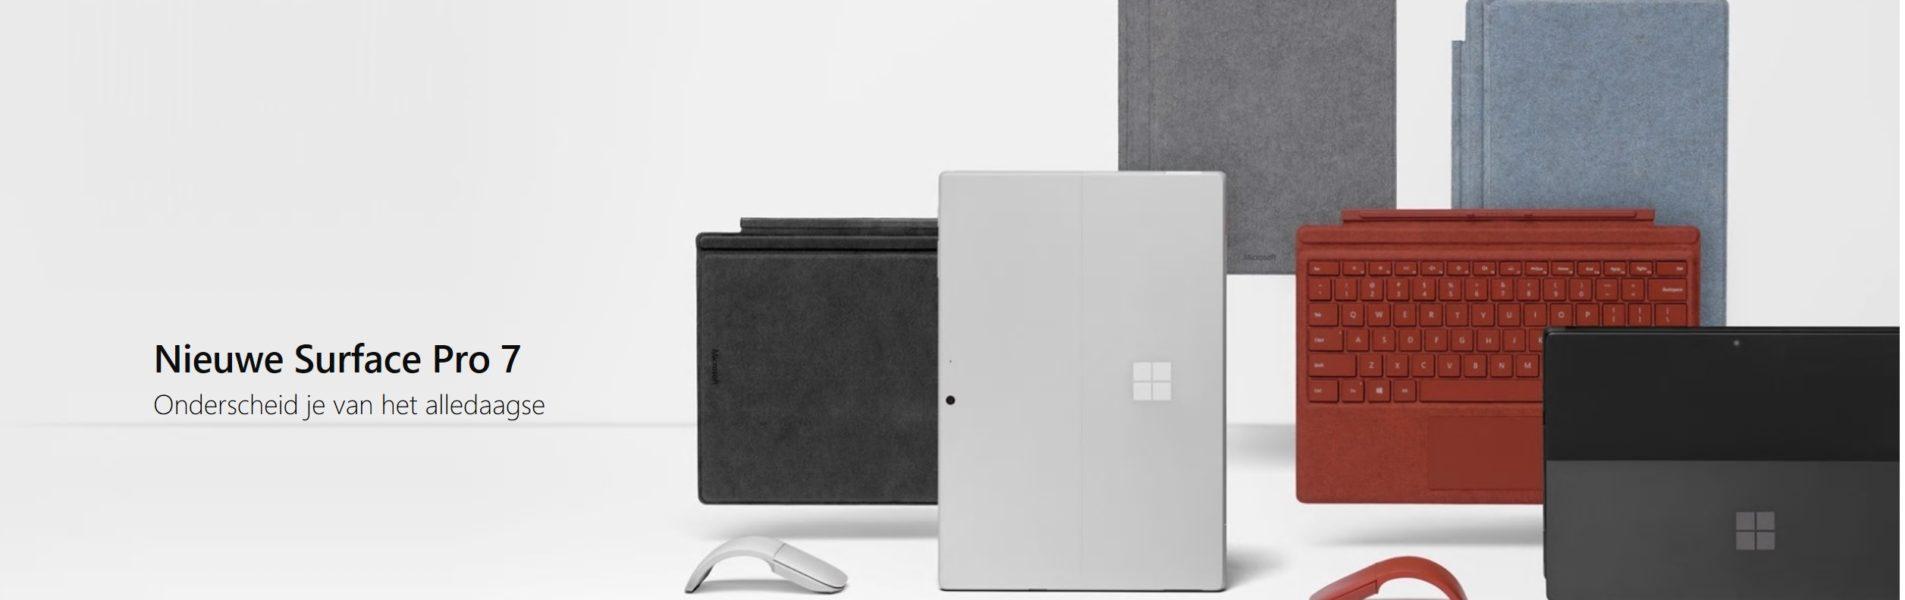 Tweeweg IT Nieuws - Surface Pro 7